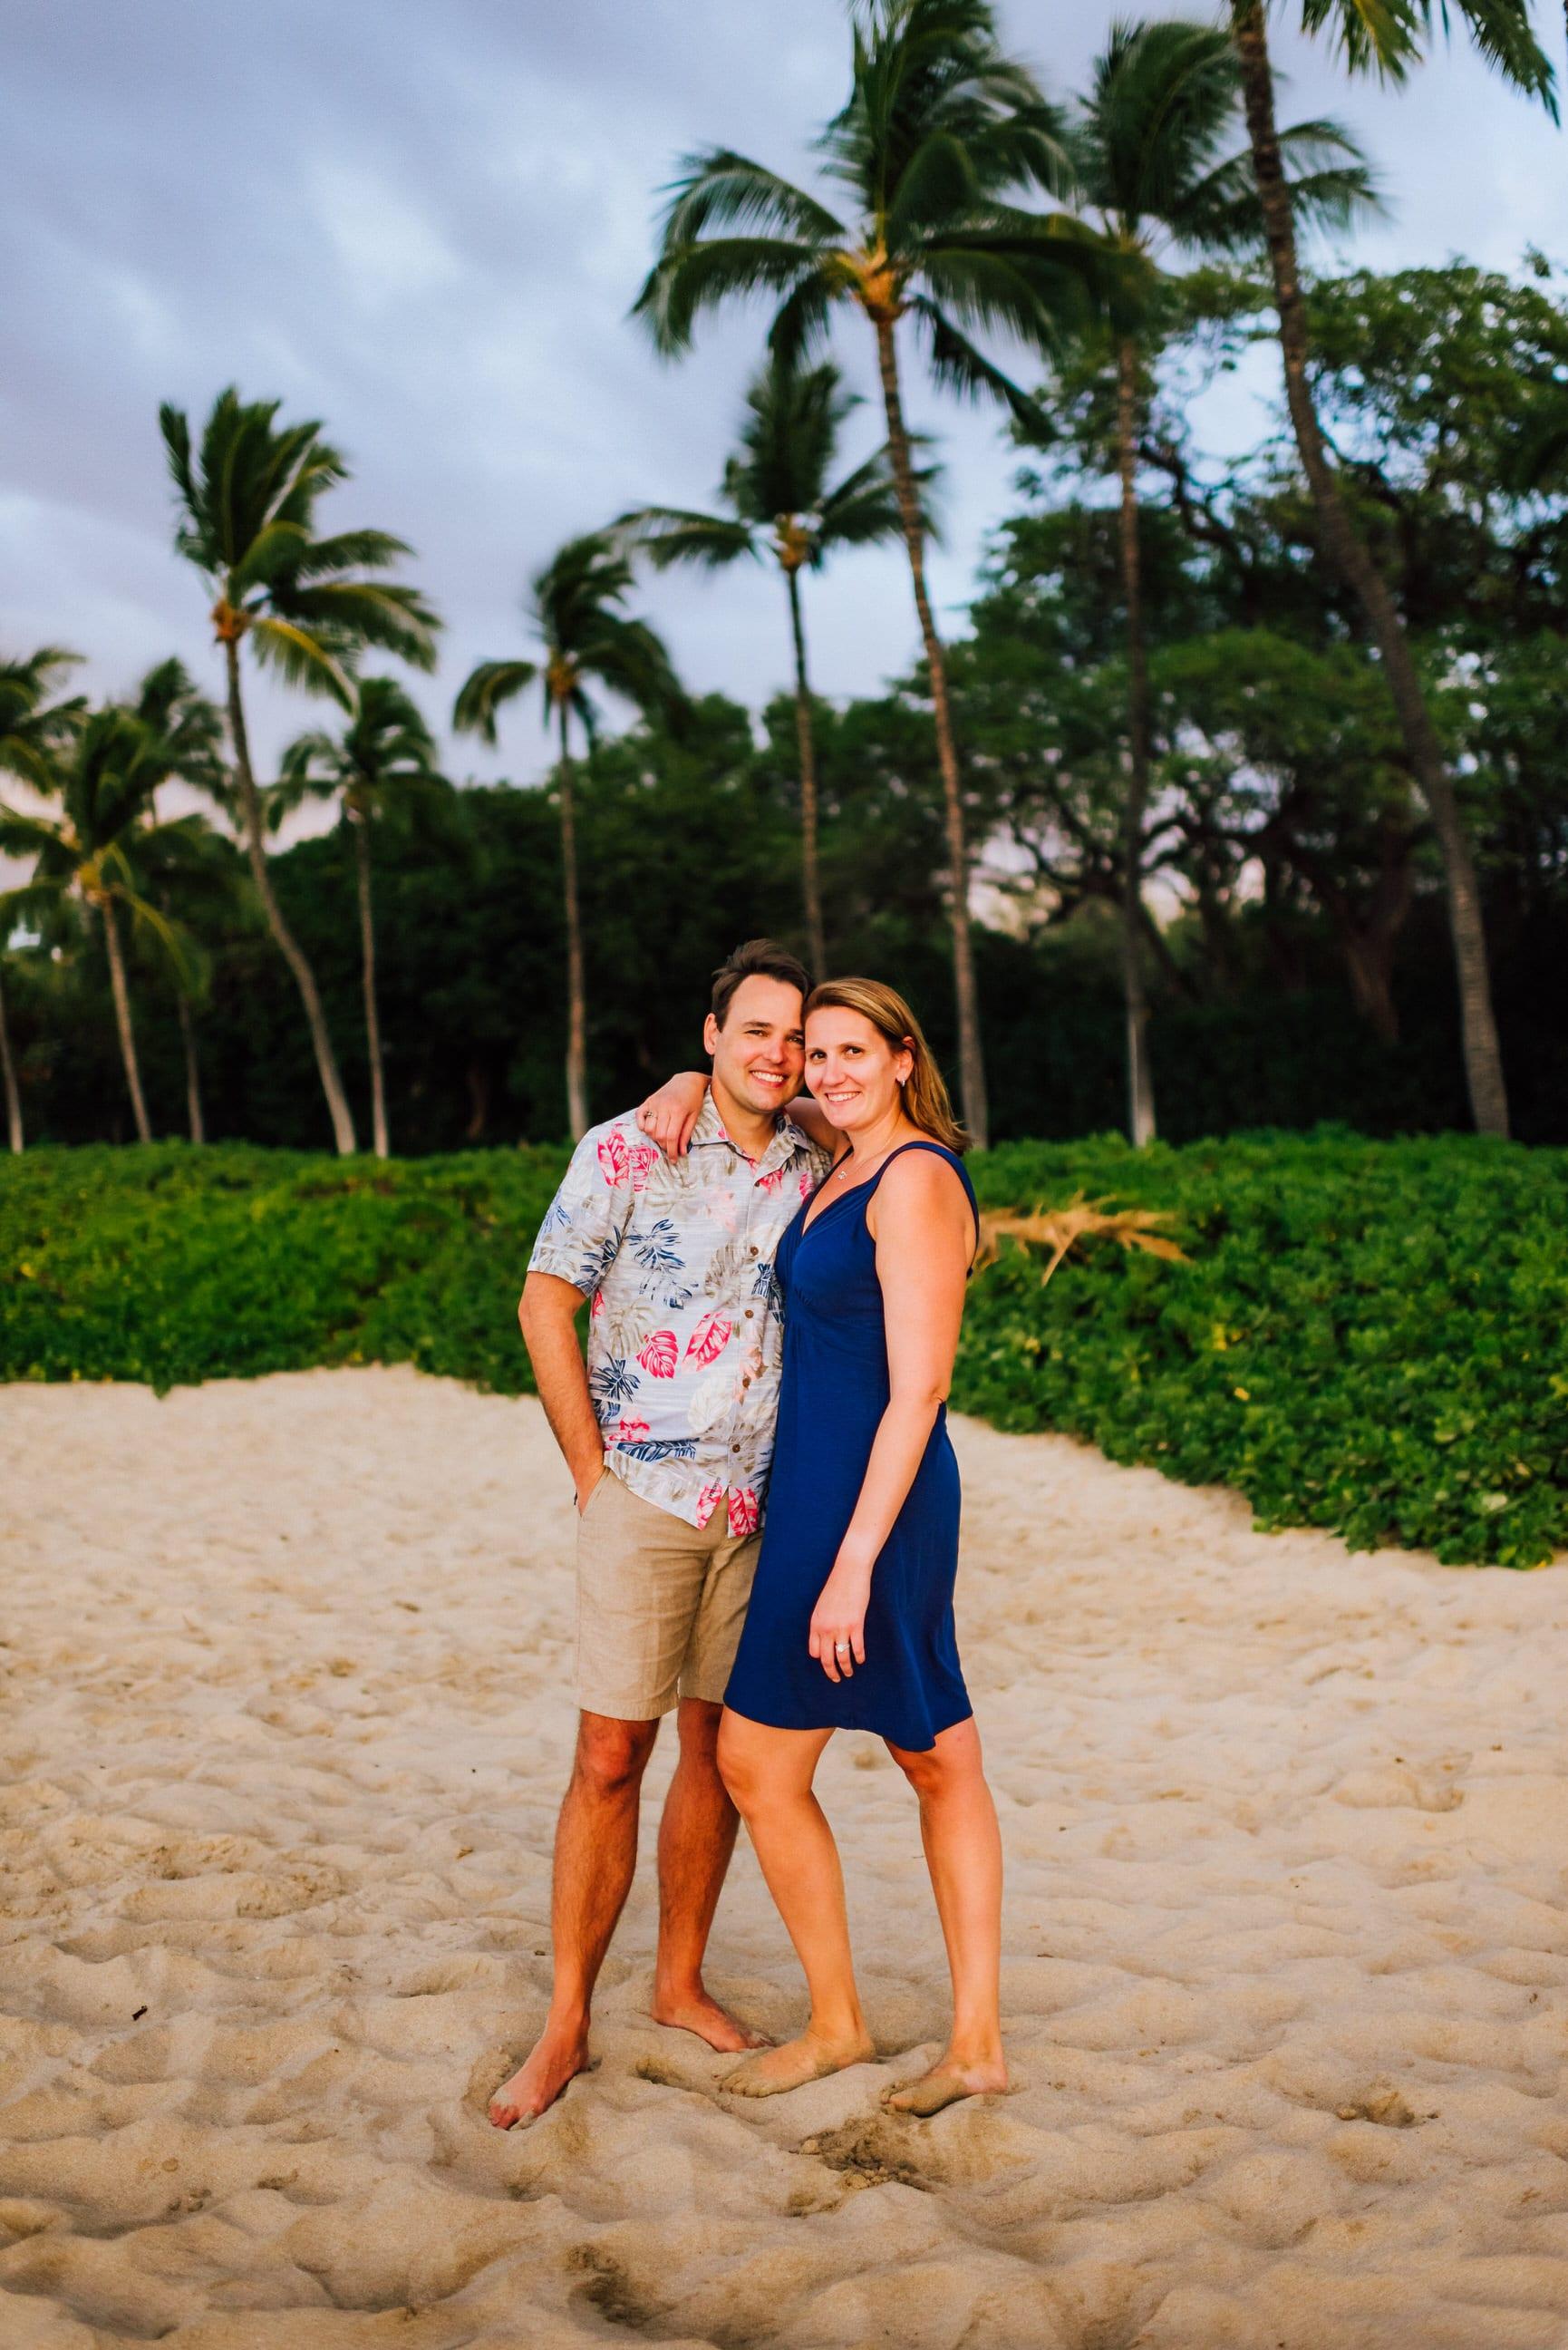 Mauna-Kea-Sunset-Honeymoon-Photographer-Hawaii-Big-Island-18.jpg